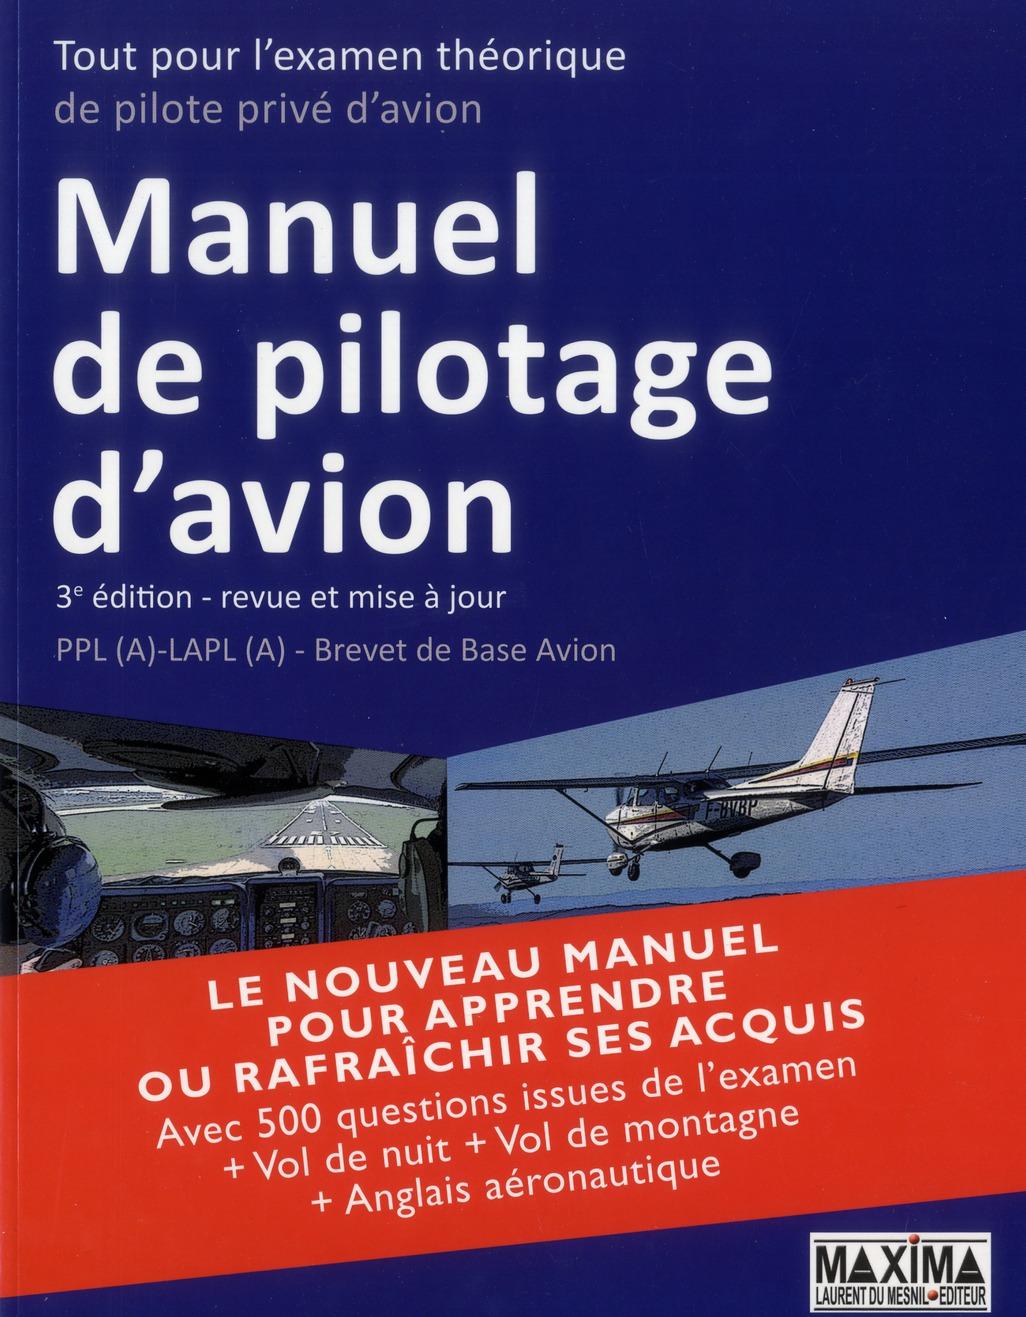 Manuel De Pilotage D'Avion (3e Edition)